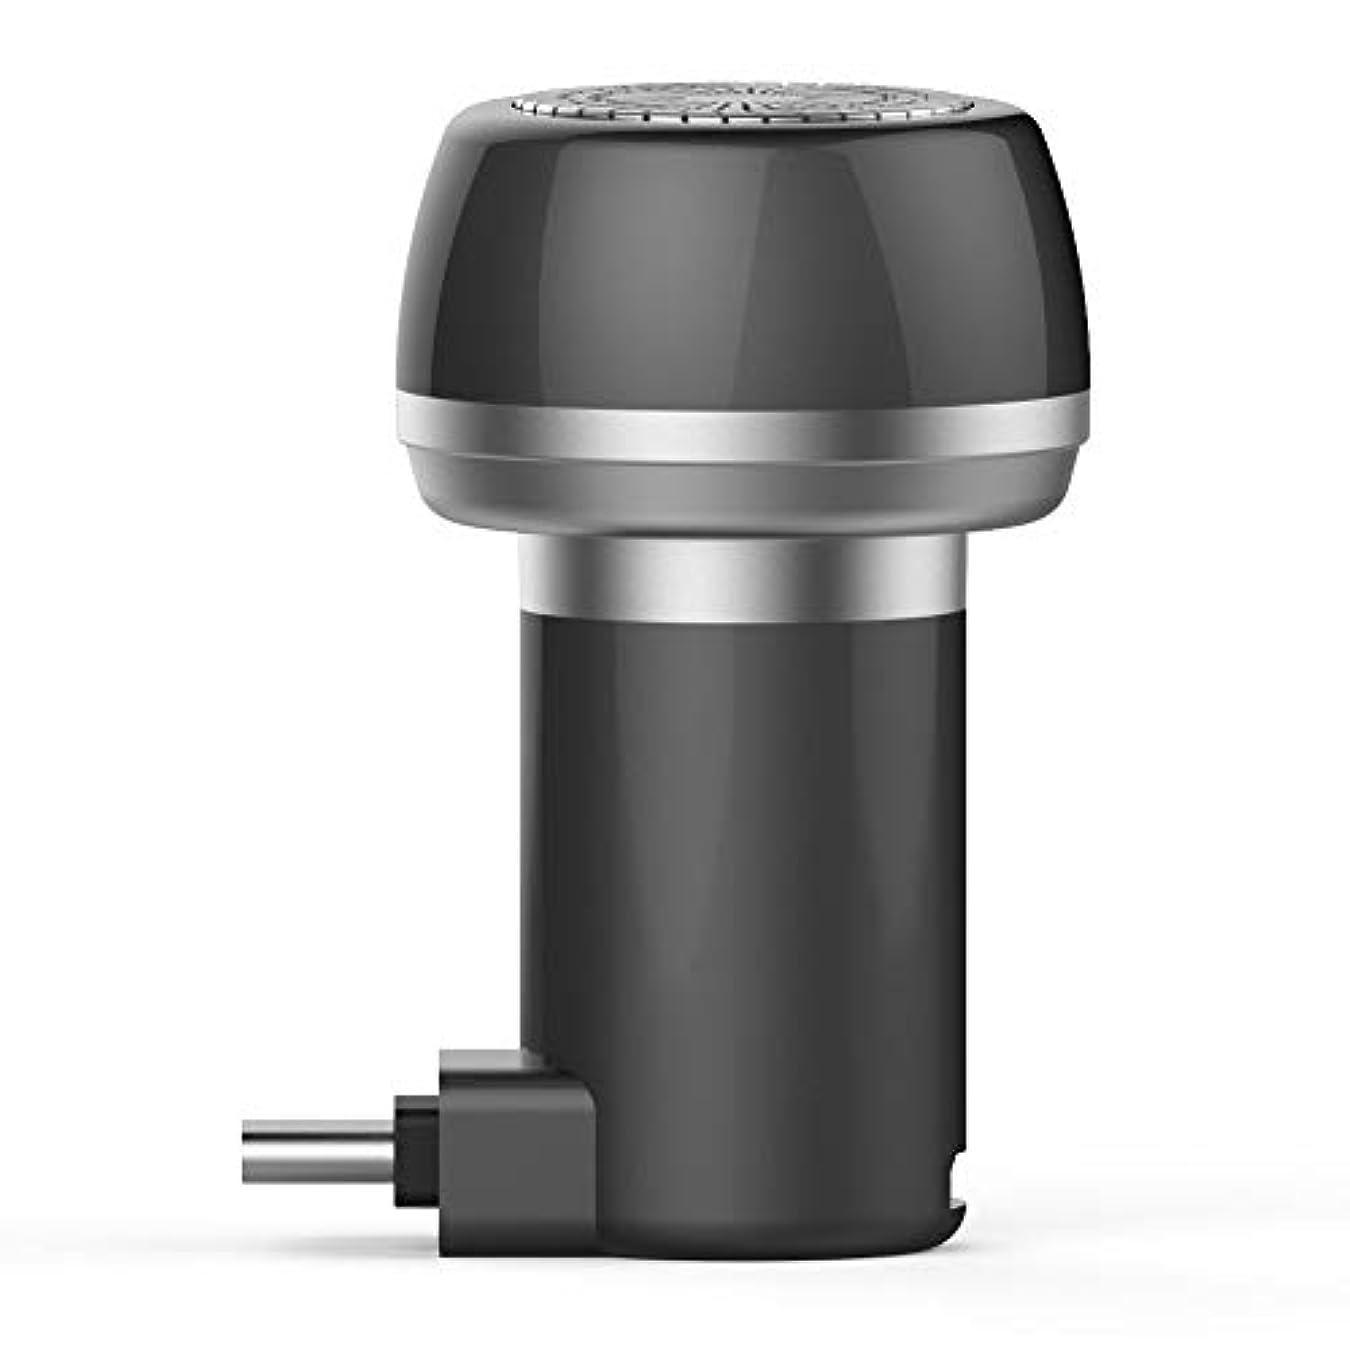 情緒的父方の疎外CoolTack  電気充電式シェーバー、2に付き1磁気電気シェーバーミニポータブルType-C USB防水耐久性剃刀